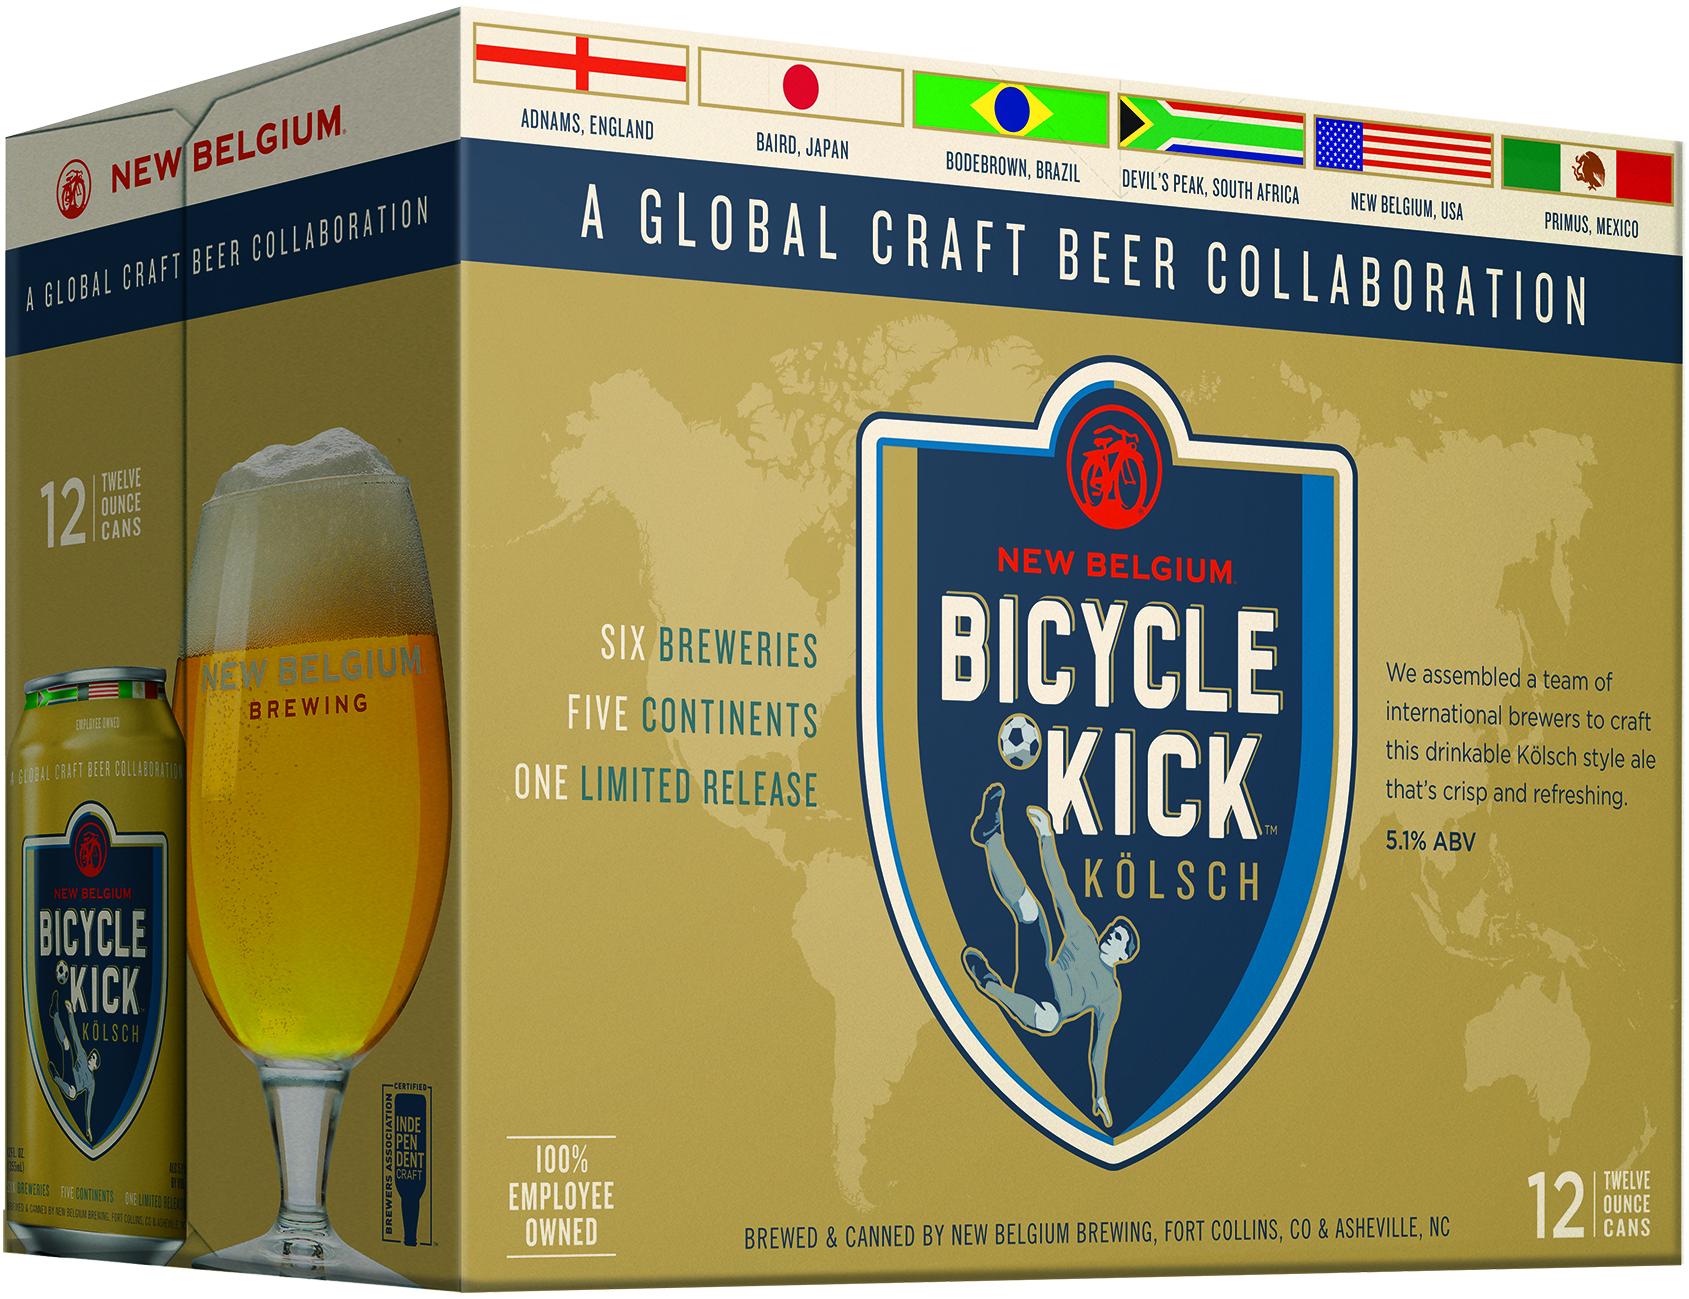 Bicycle_Kick_12_oz_12_pack_side_angle.jpg